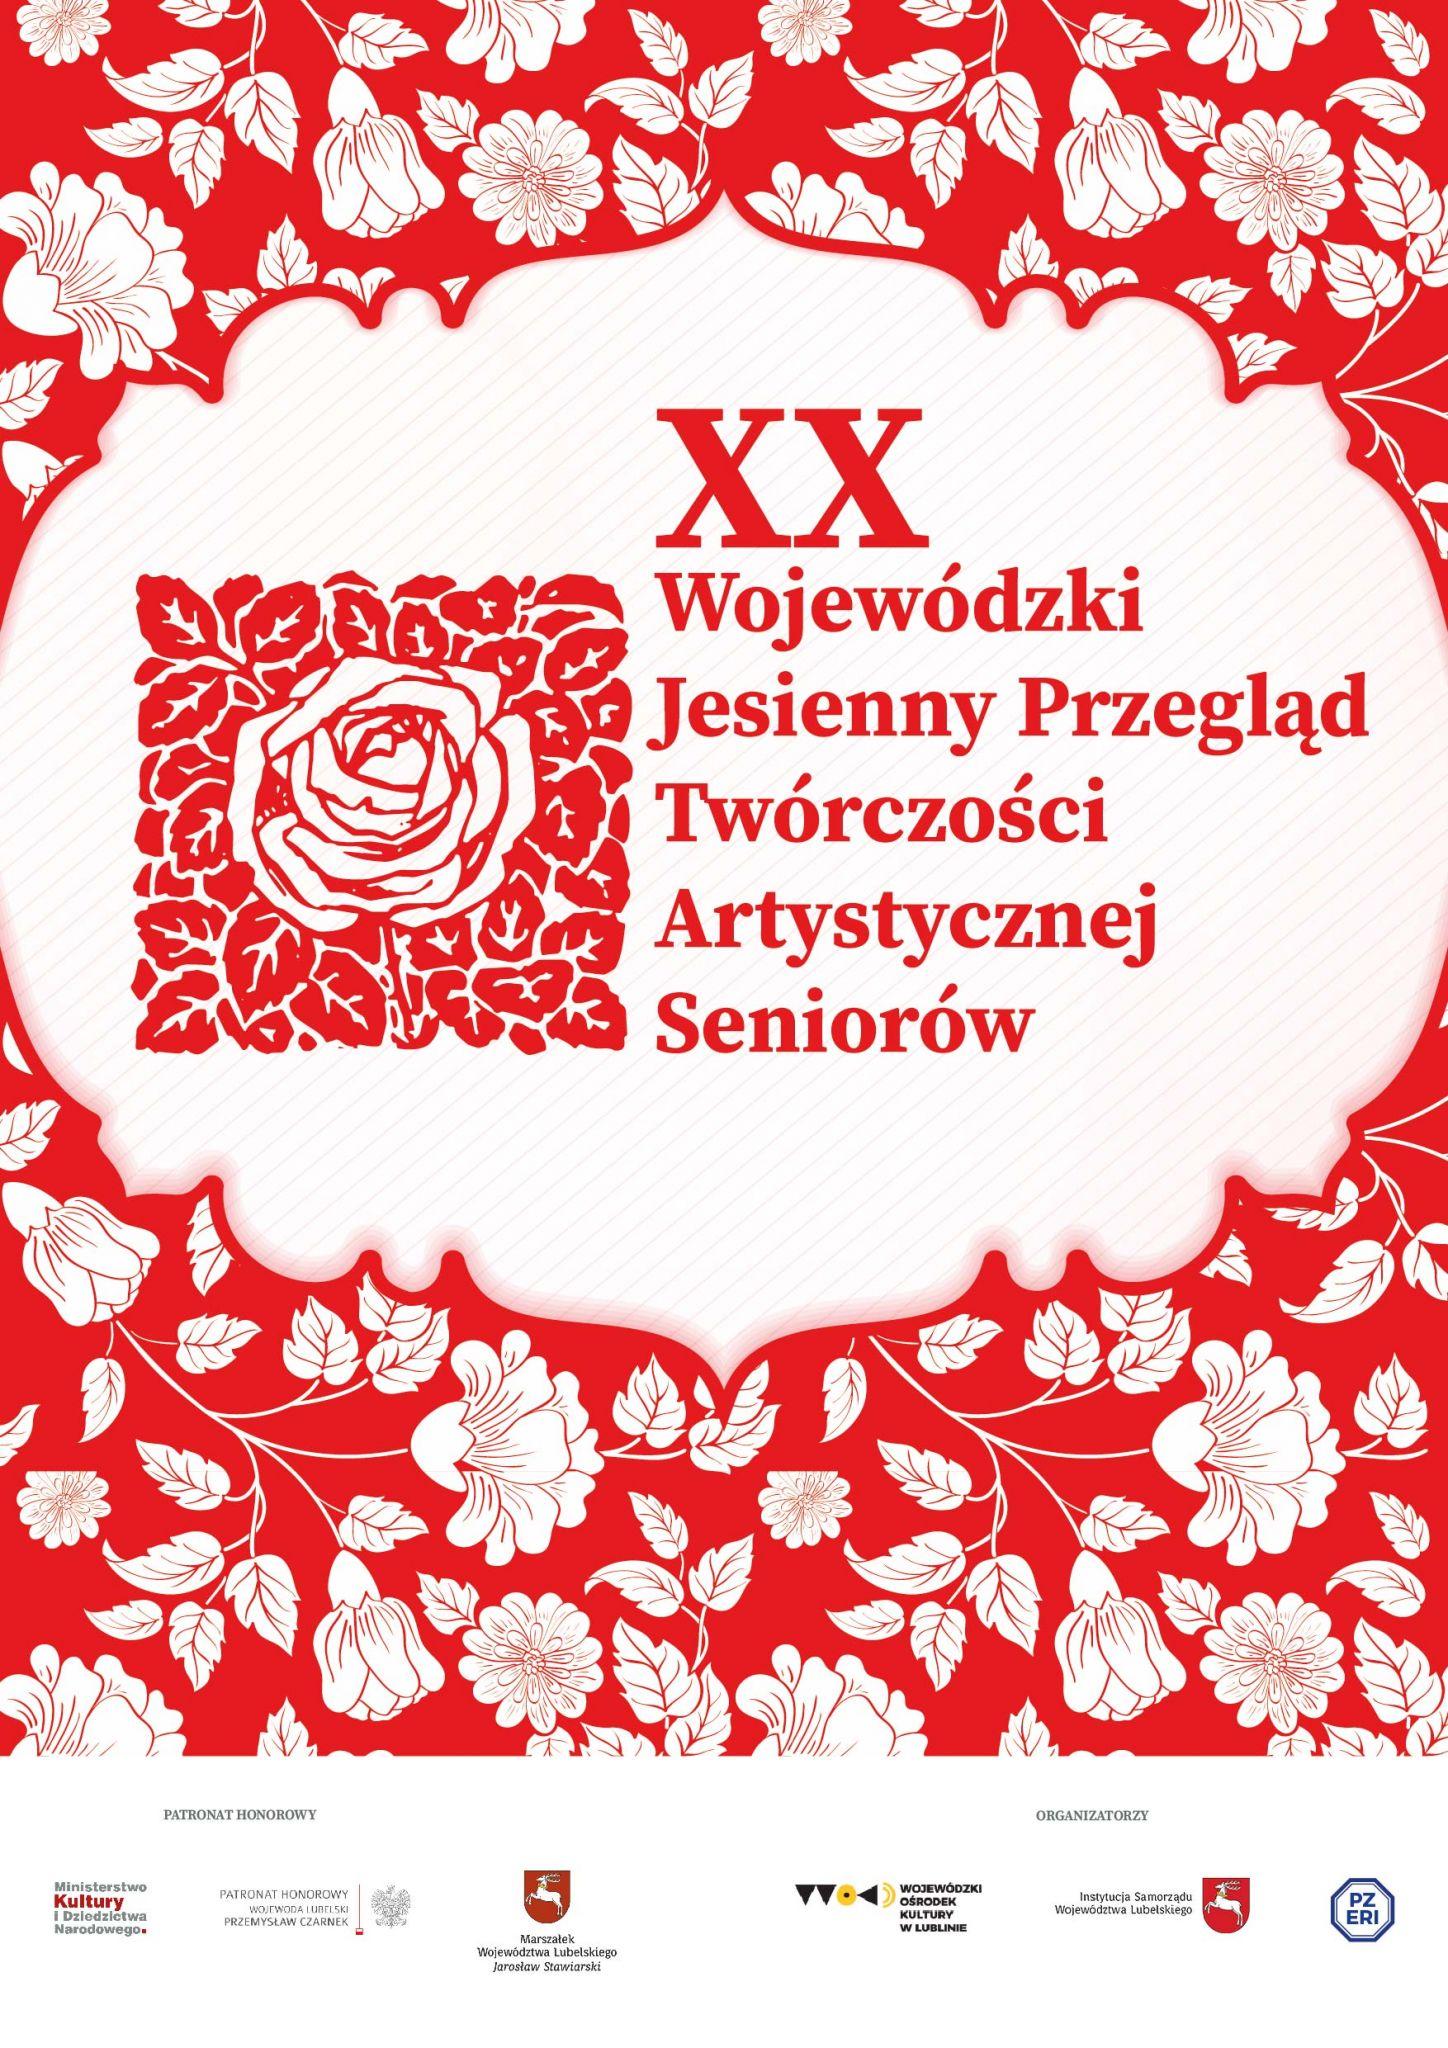 seniorzy 2019 XX Wojewódzki Jesienny Przegląd Twórczości Artystycznej Seniorów już wkrótce w ZDK